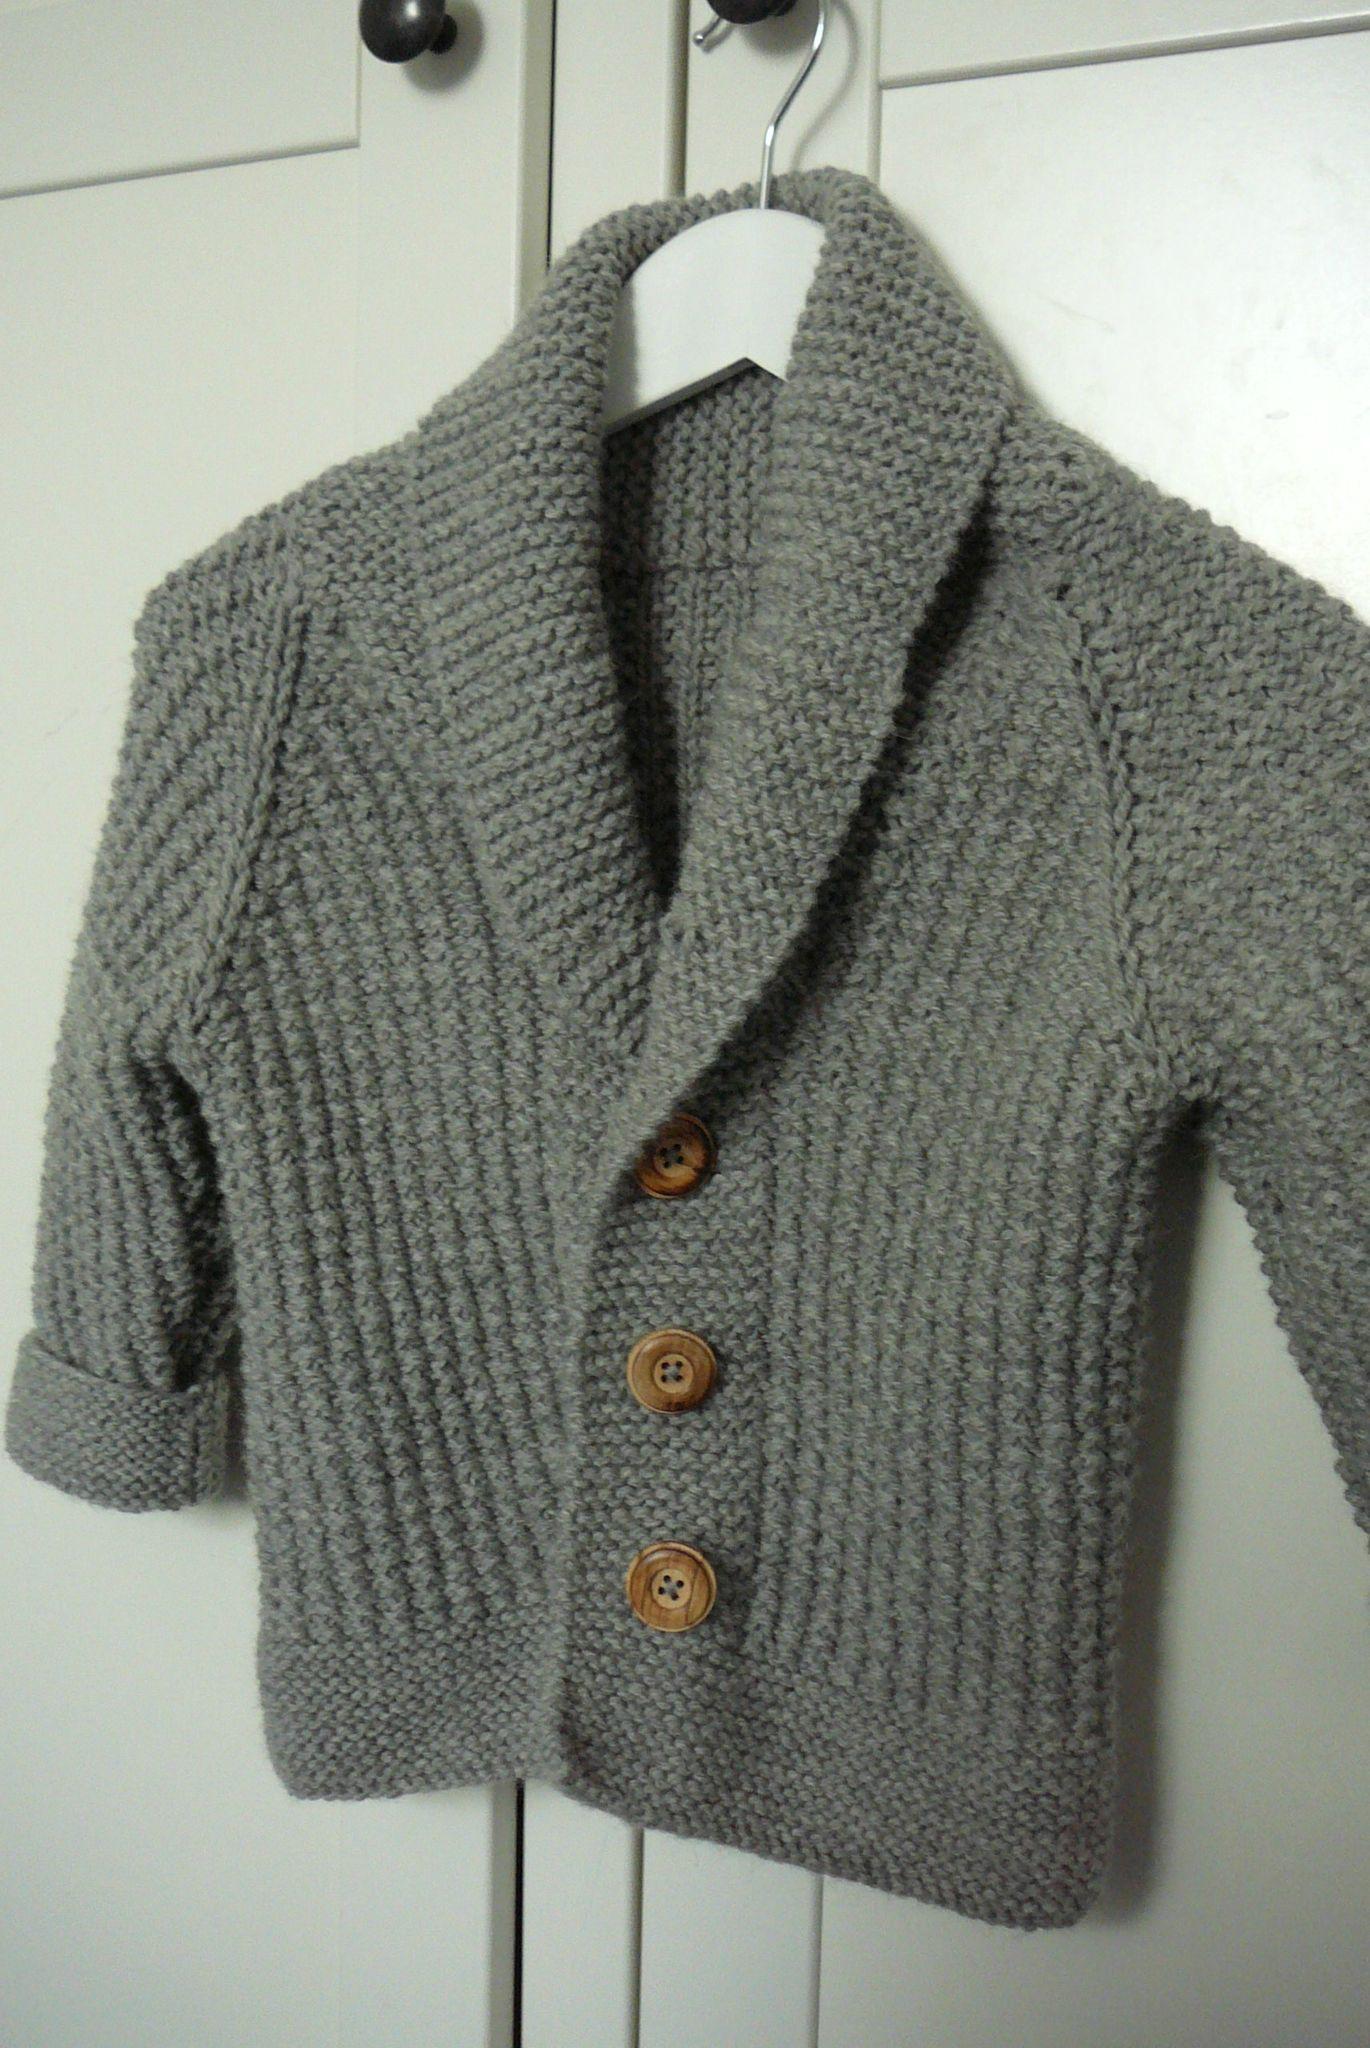 modele tricot gilet garcon 5 ans